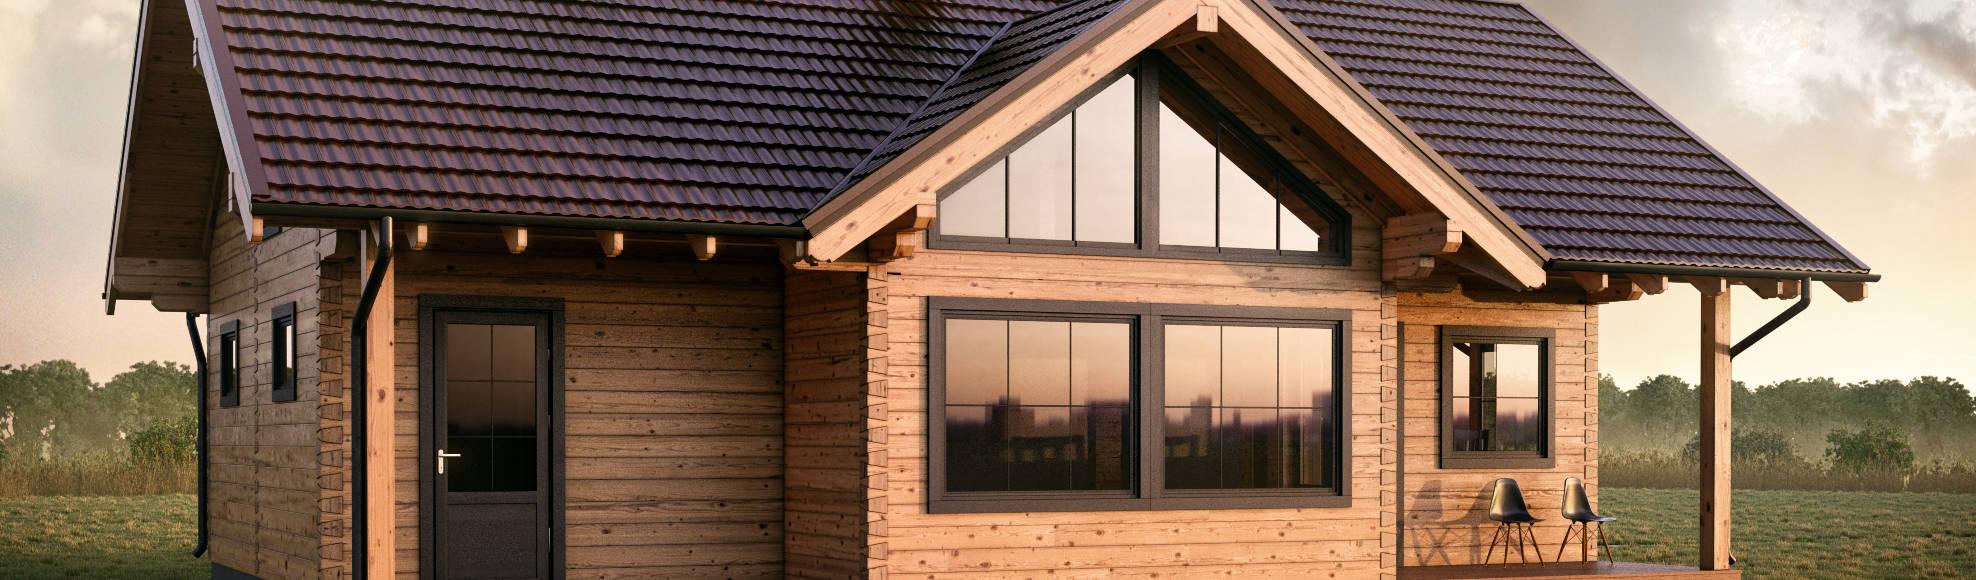 THULE Blockhaus GmbH—Ihr Fertigbausatz für ein Holzhaus